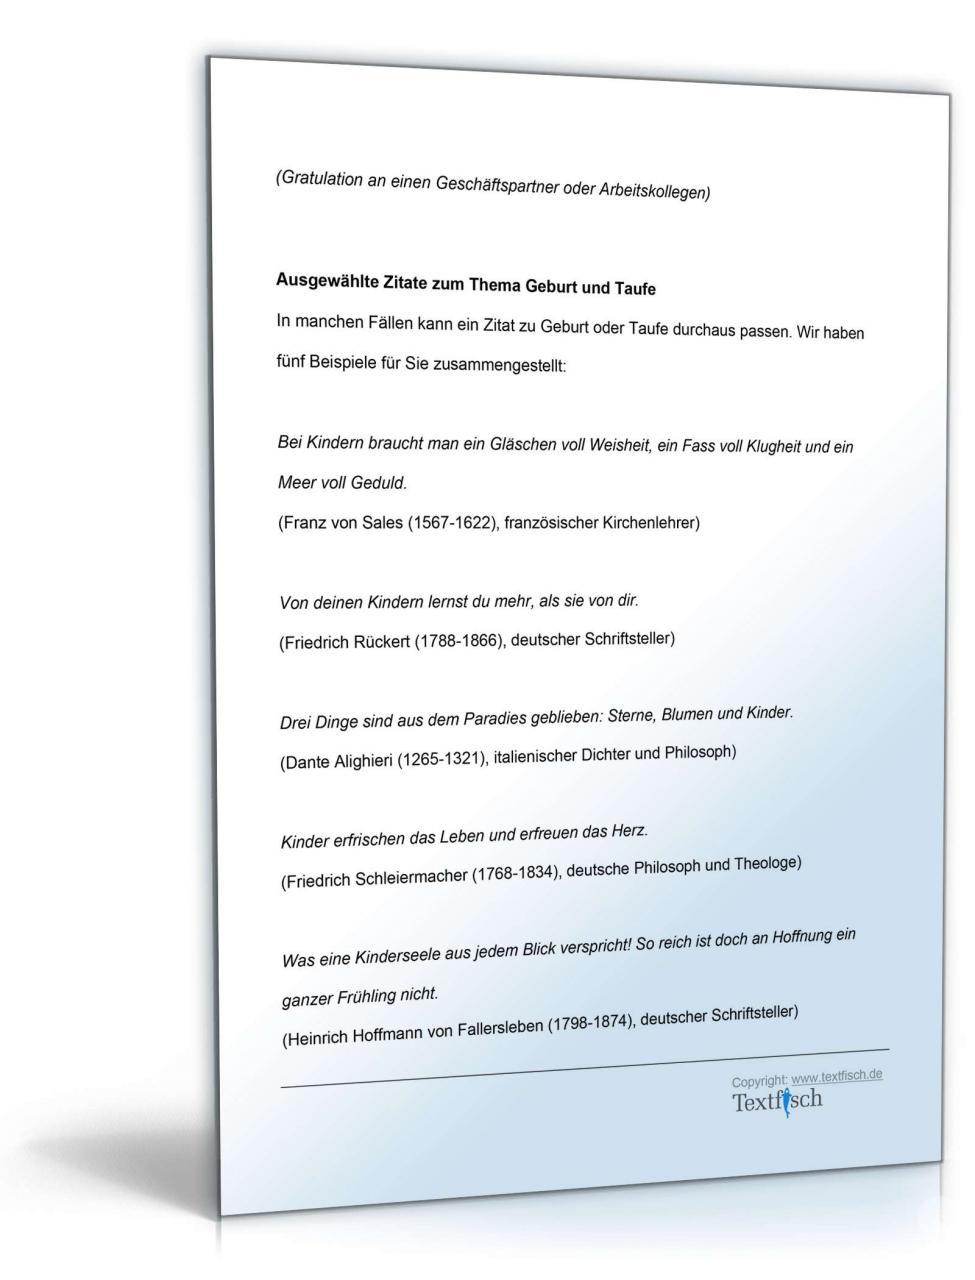 Deutsche Dichter Zitate Gallery Besten Zitate Ideen Tolle Spruche Goldene Hochzeit Eugen Roth